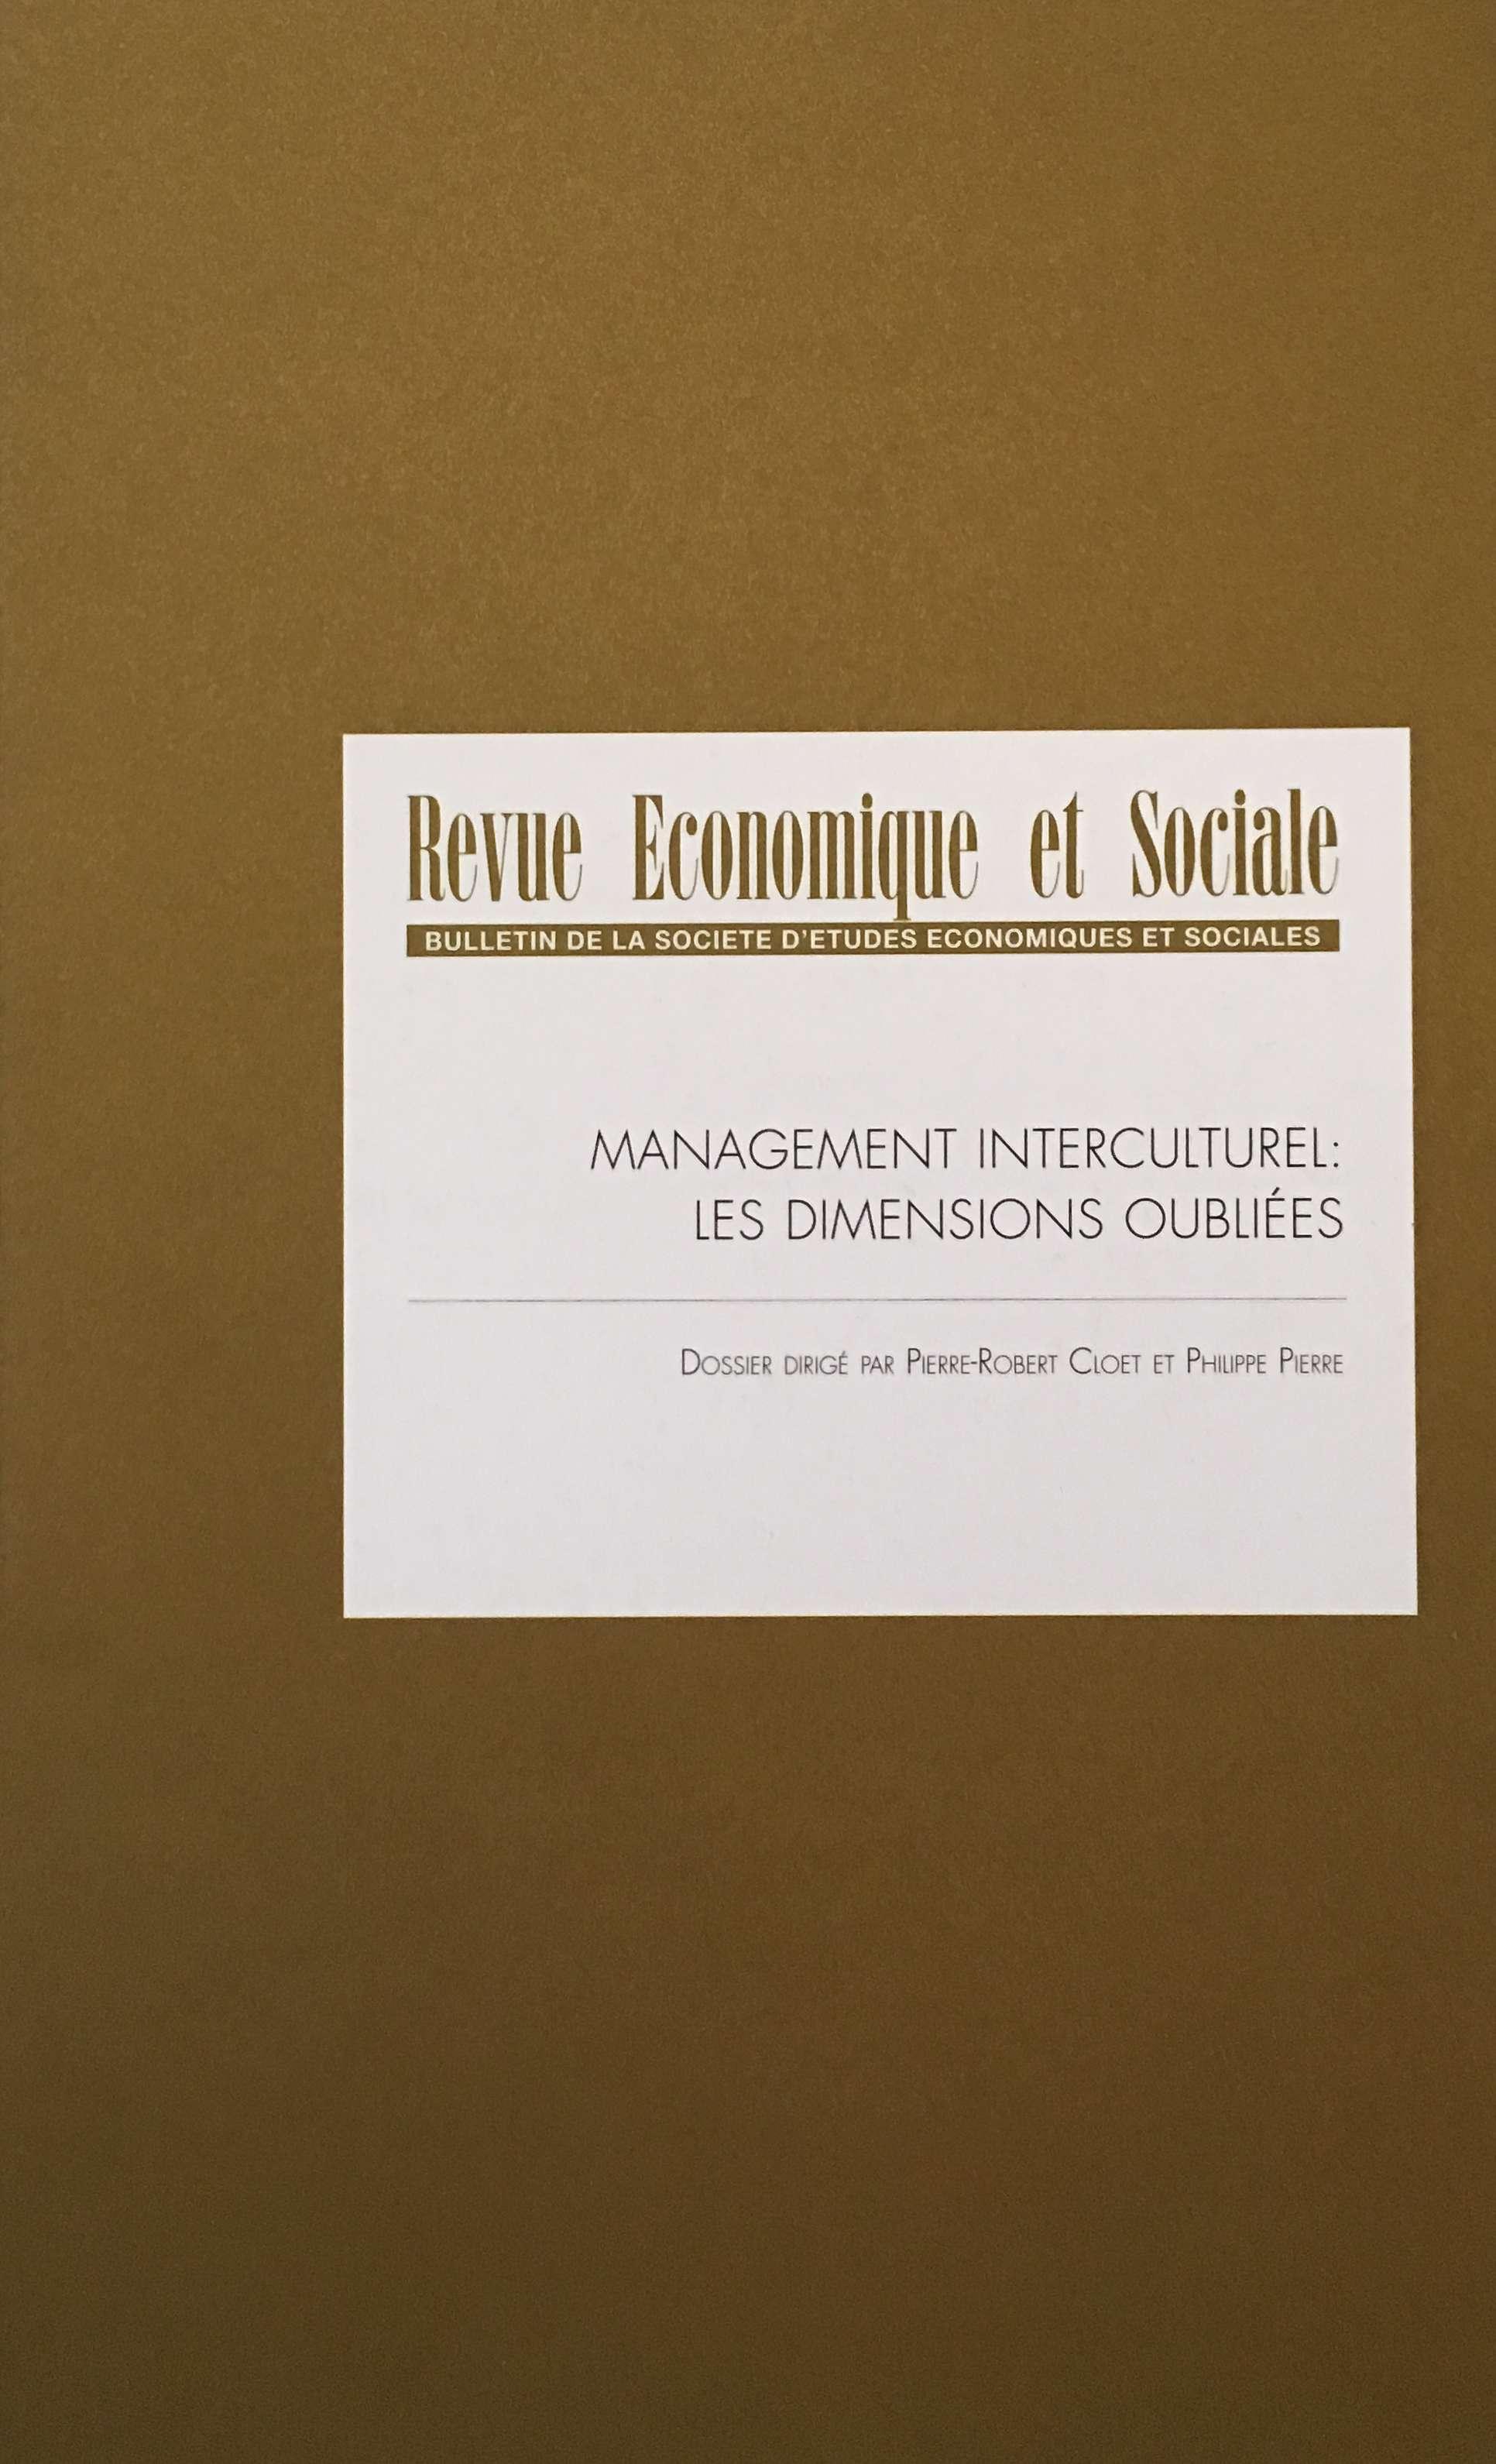 Revue Economique et Sociale numéro 75 1ère de couverture